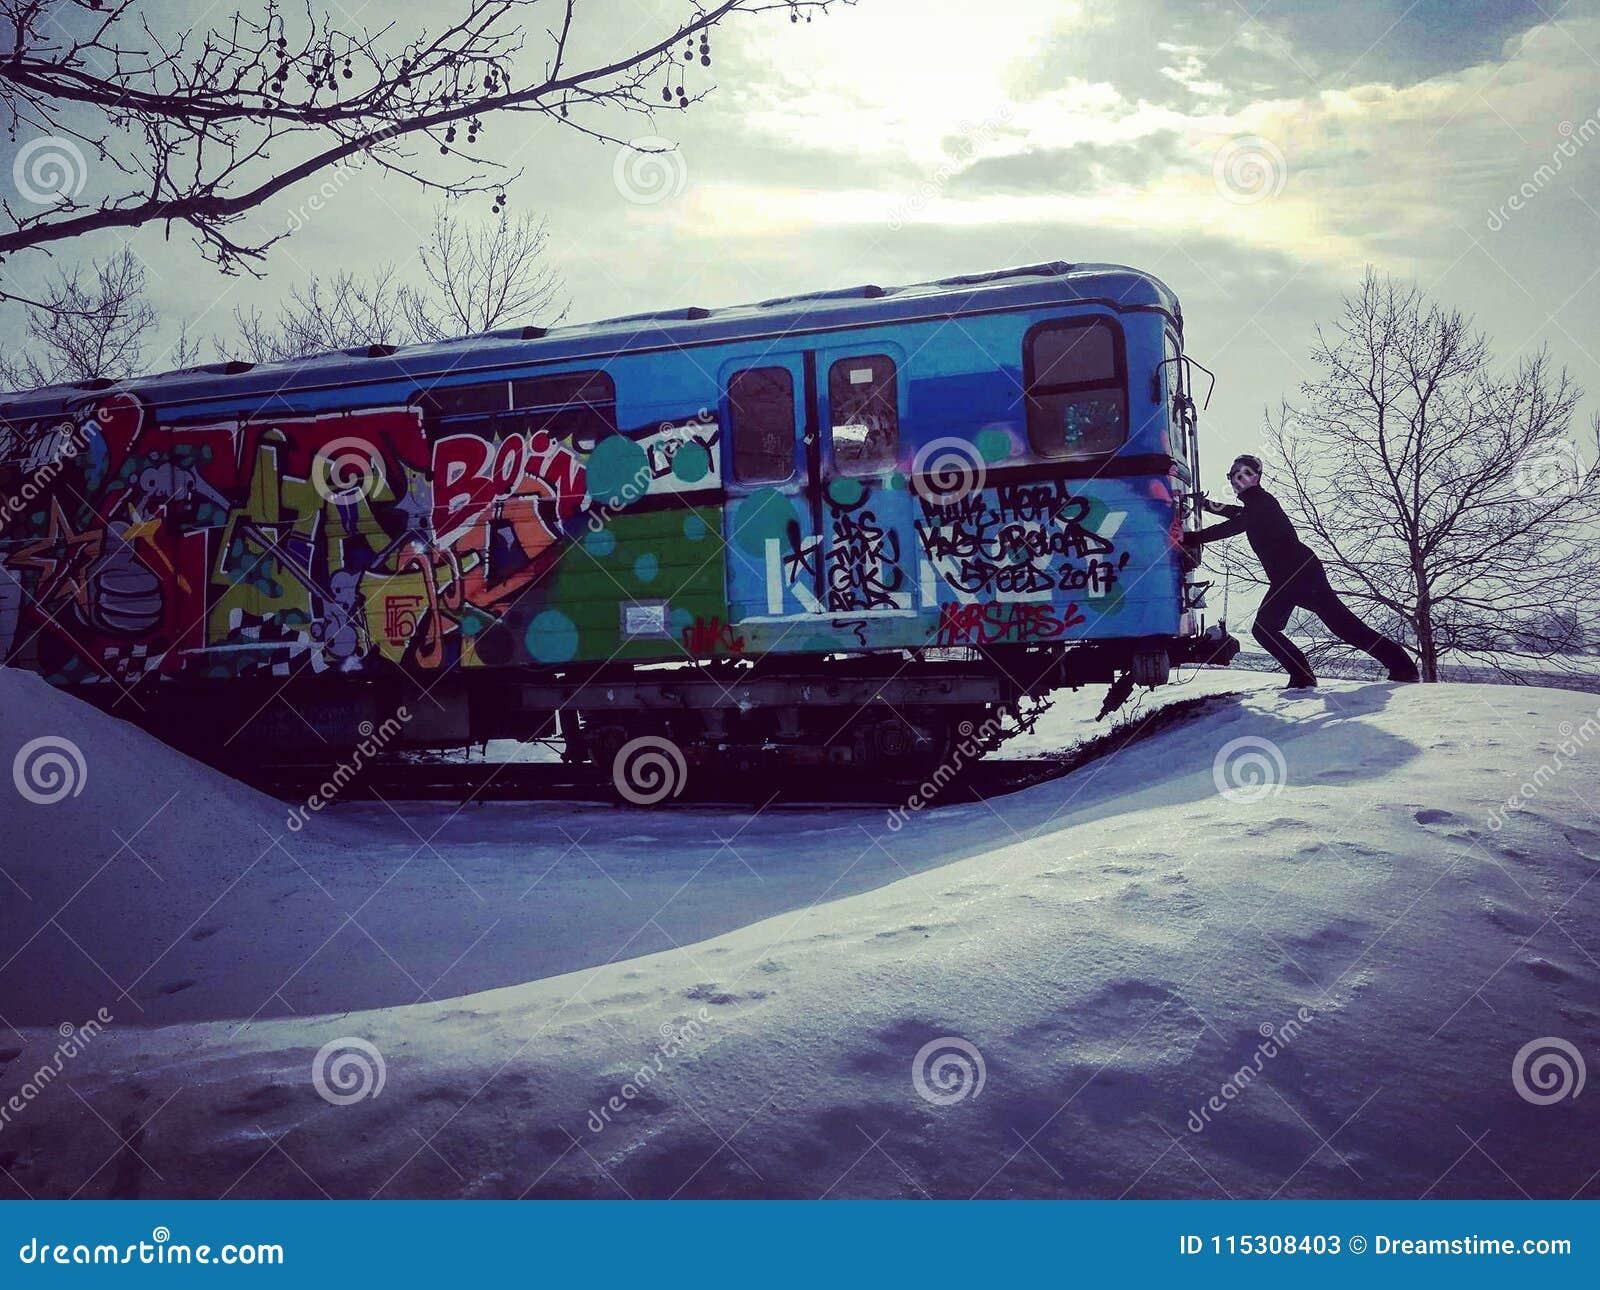 Metro in the snow